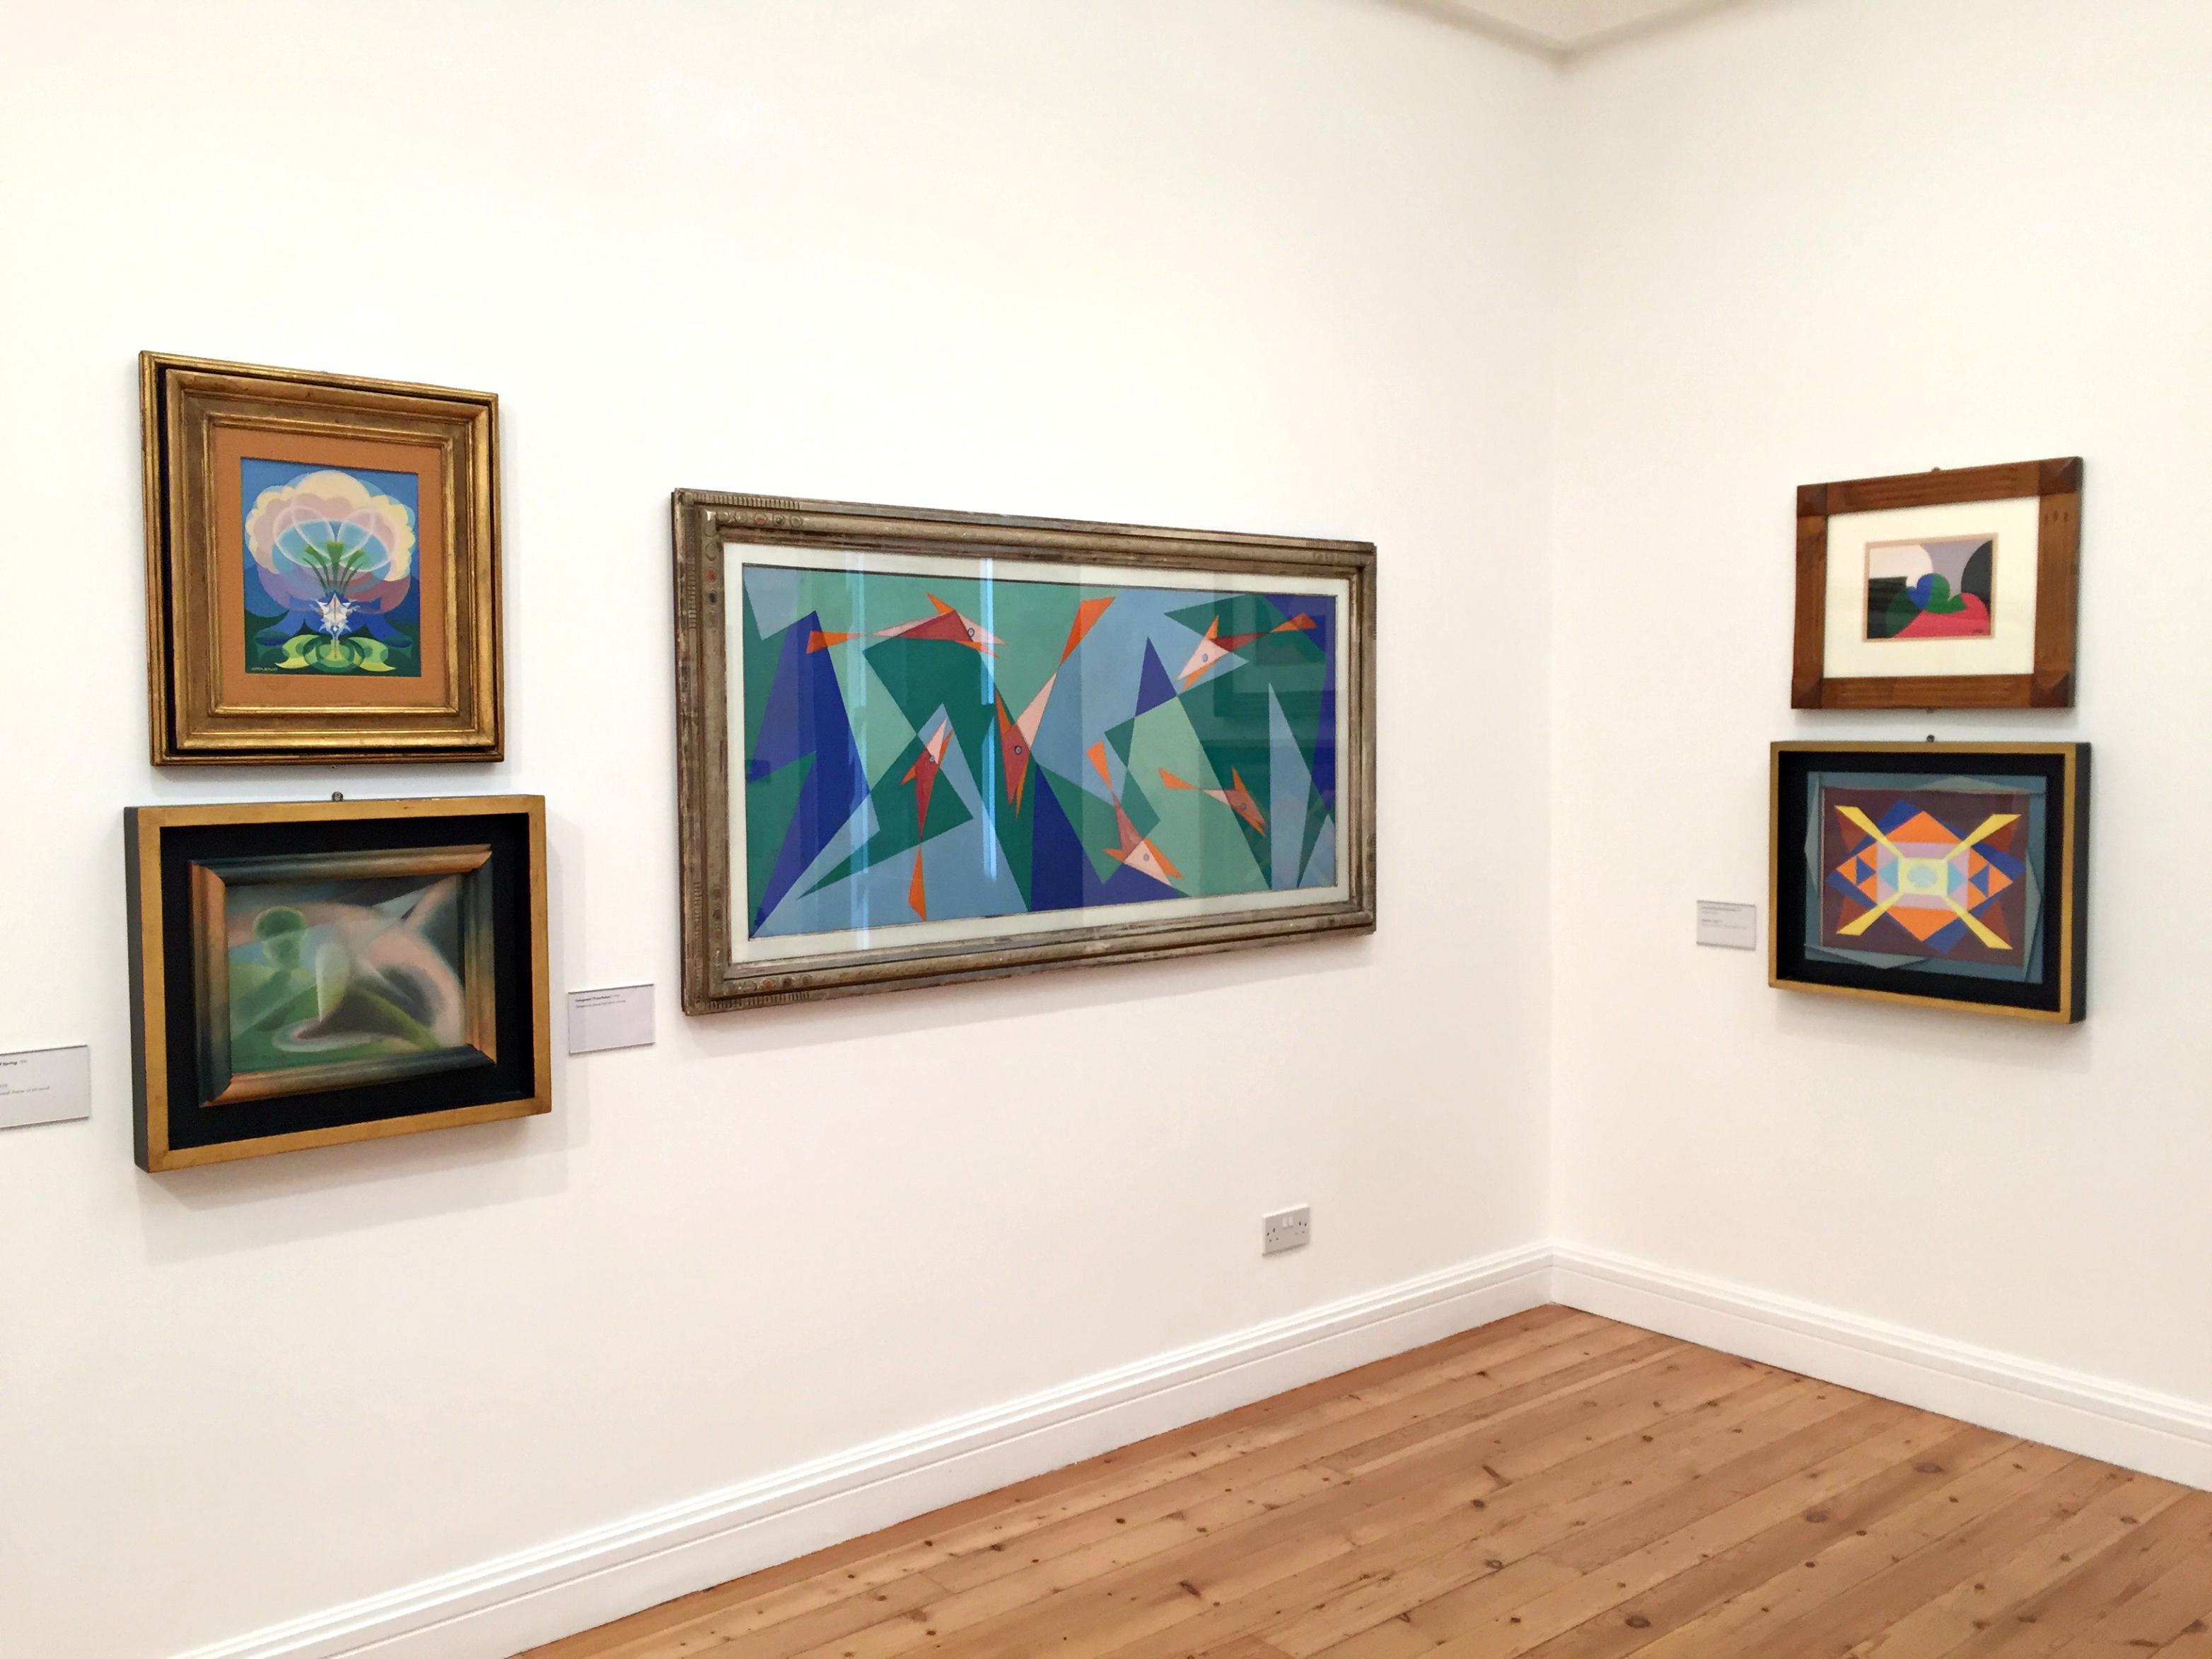 London Estorick Collection